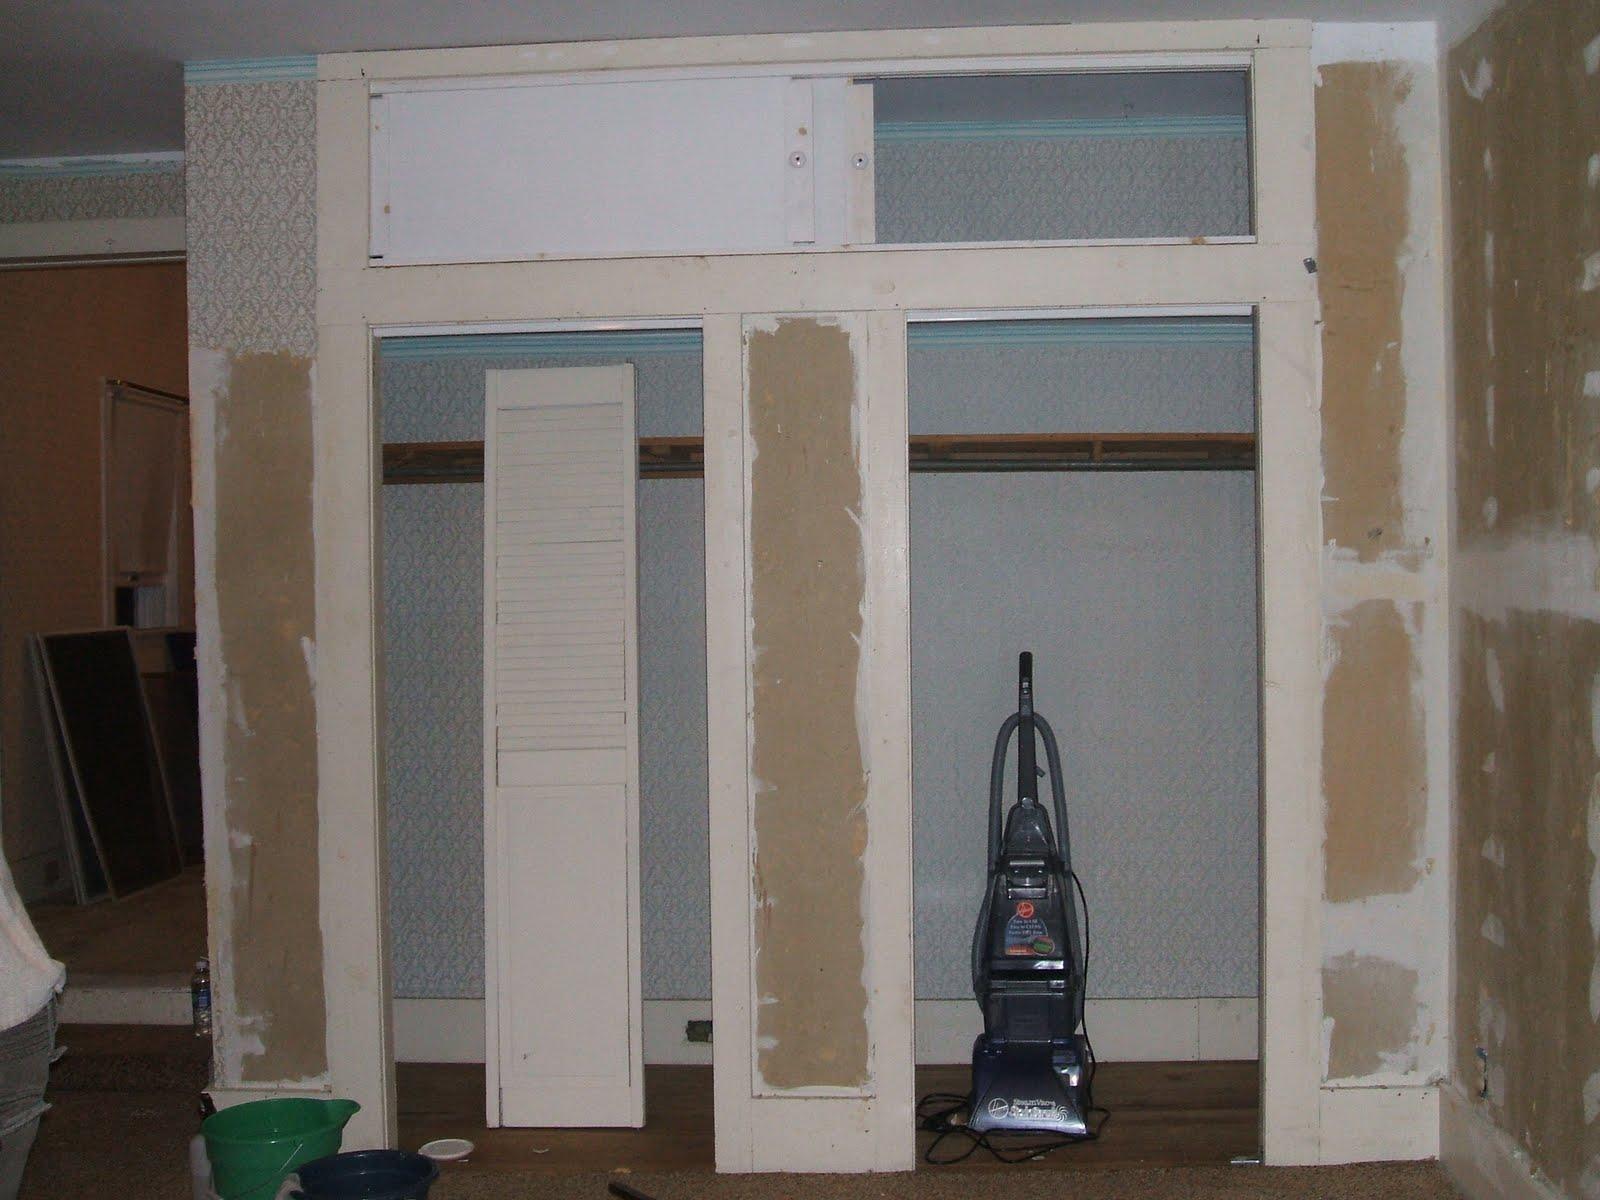 http://2.bp.blogspot.com/_kTkXC42XQPk/TIkBdmyMTWI/AAAAAAAAAtc/XfAYOGK3QUk/s1600/Home+Remodeling+Bedroom+In+Between+-+His+and+Hers+Closets.JPG